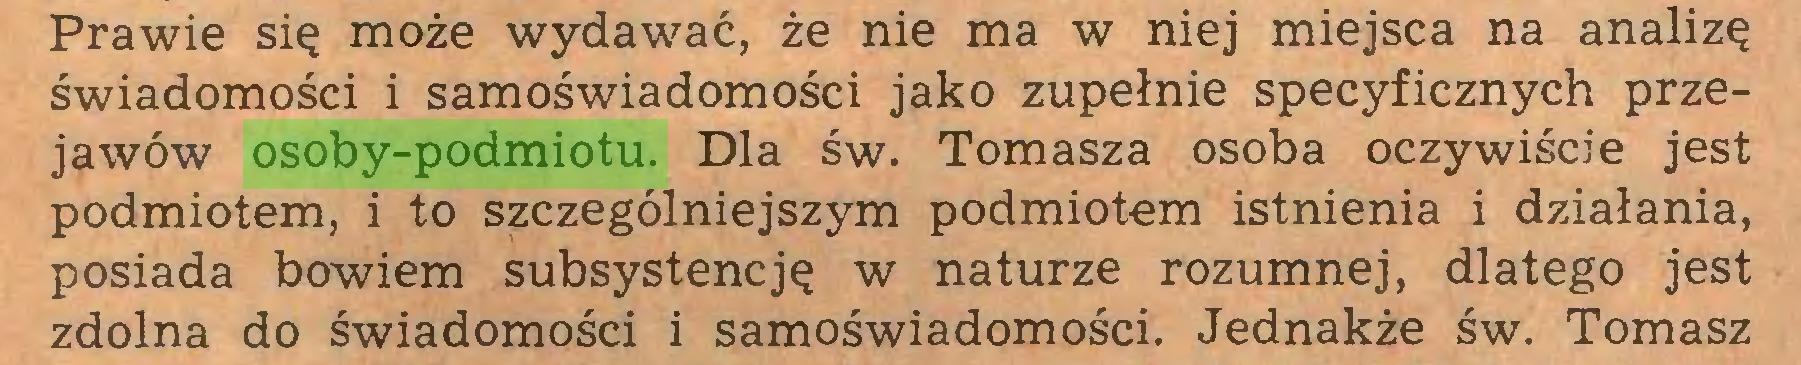 (...) Prawie się może wydawać, że nie ma w niej miejsca na analizę świadomości i samoświadomości jako zupełnie specyficznych przejawów osoby-podmiotu. Dla św. Tomasza osoba oczywiście jest podmiotem, i to szczególniejszym podmiotem istnienia i działania, posiada bowiem subsystencję w naturze rozumnej, dlatego jest zdolna do świadomości i samoświadomości. Jednakże św. Tomasz...